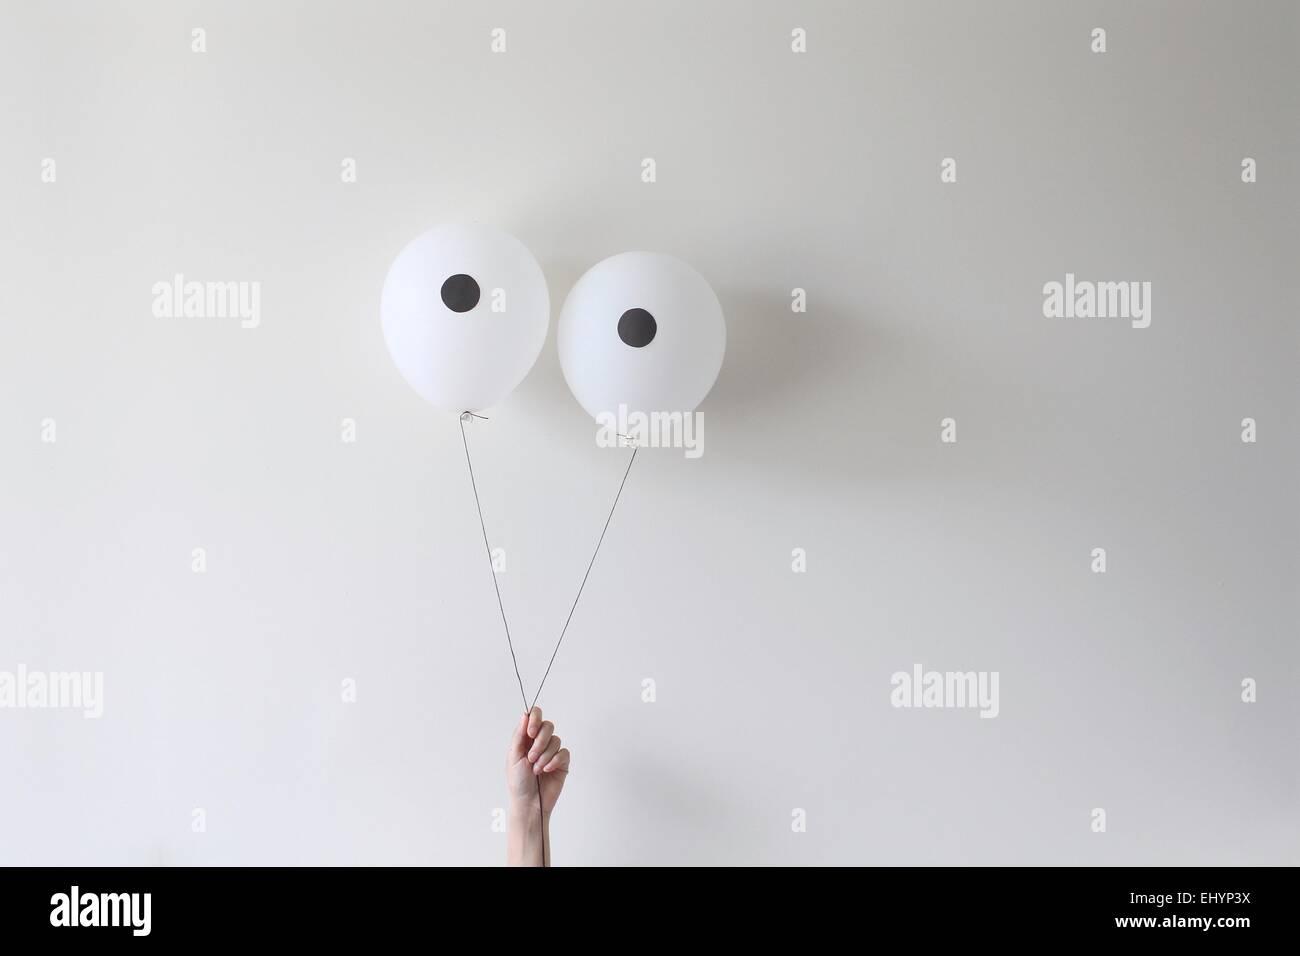 Eine Hand hält ein paar Ballons, die wie Augen Aussehen Stockbild